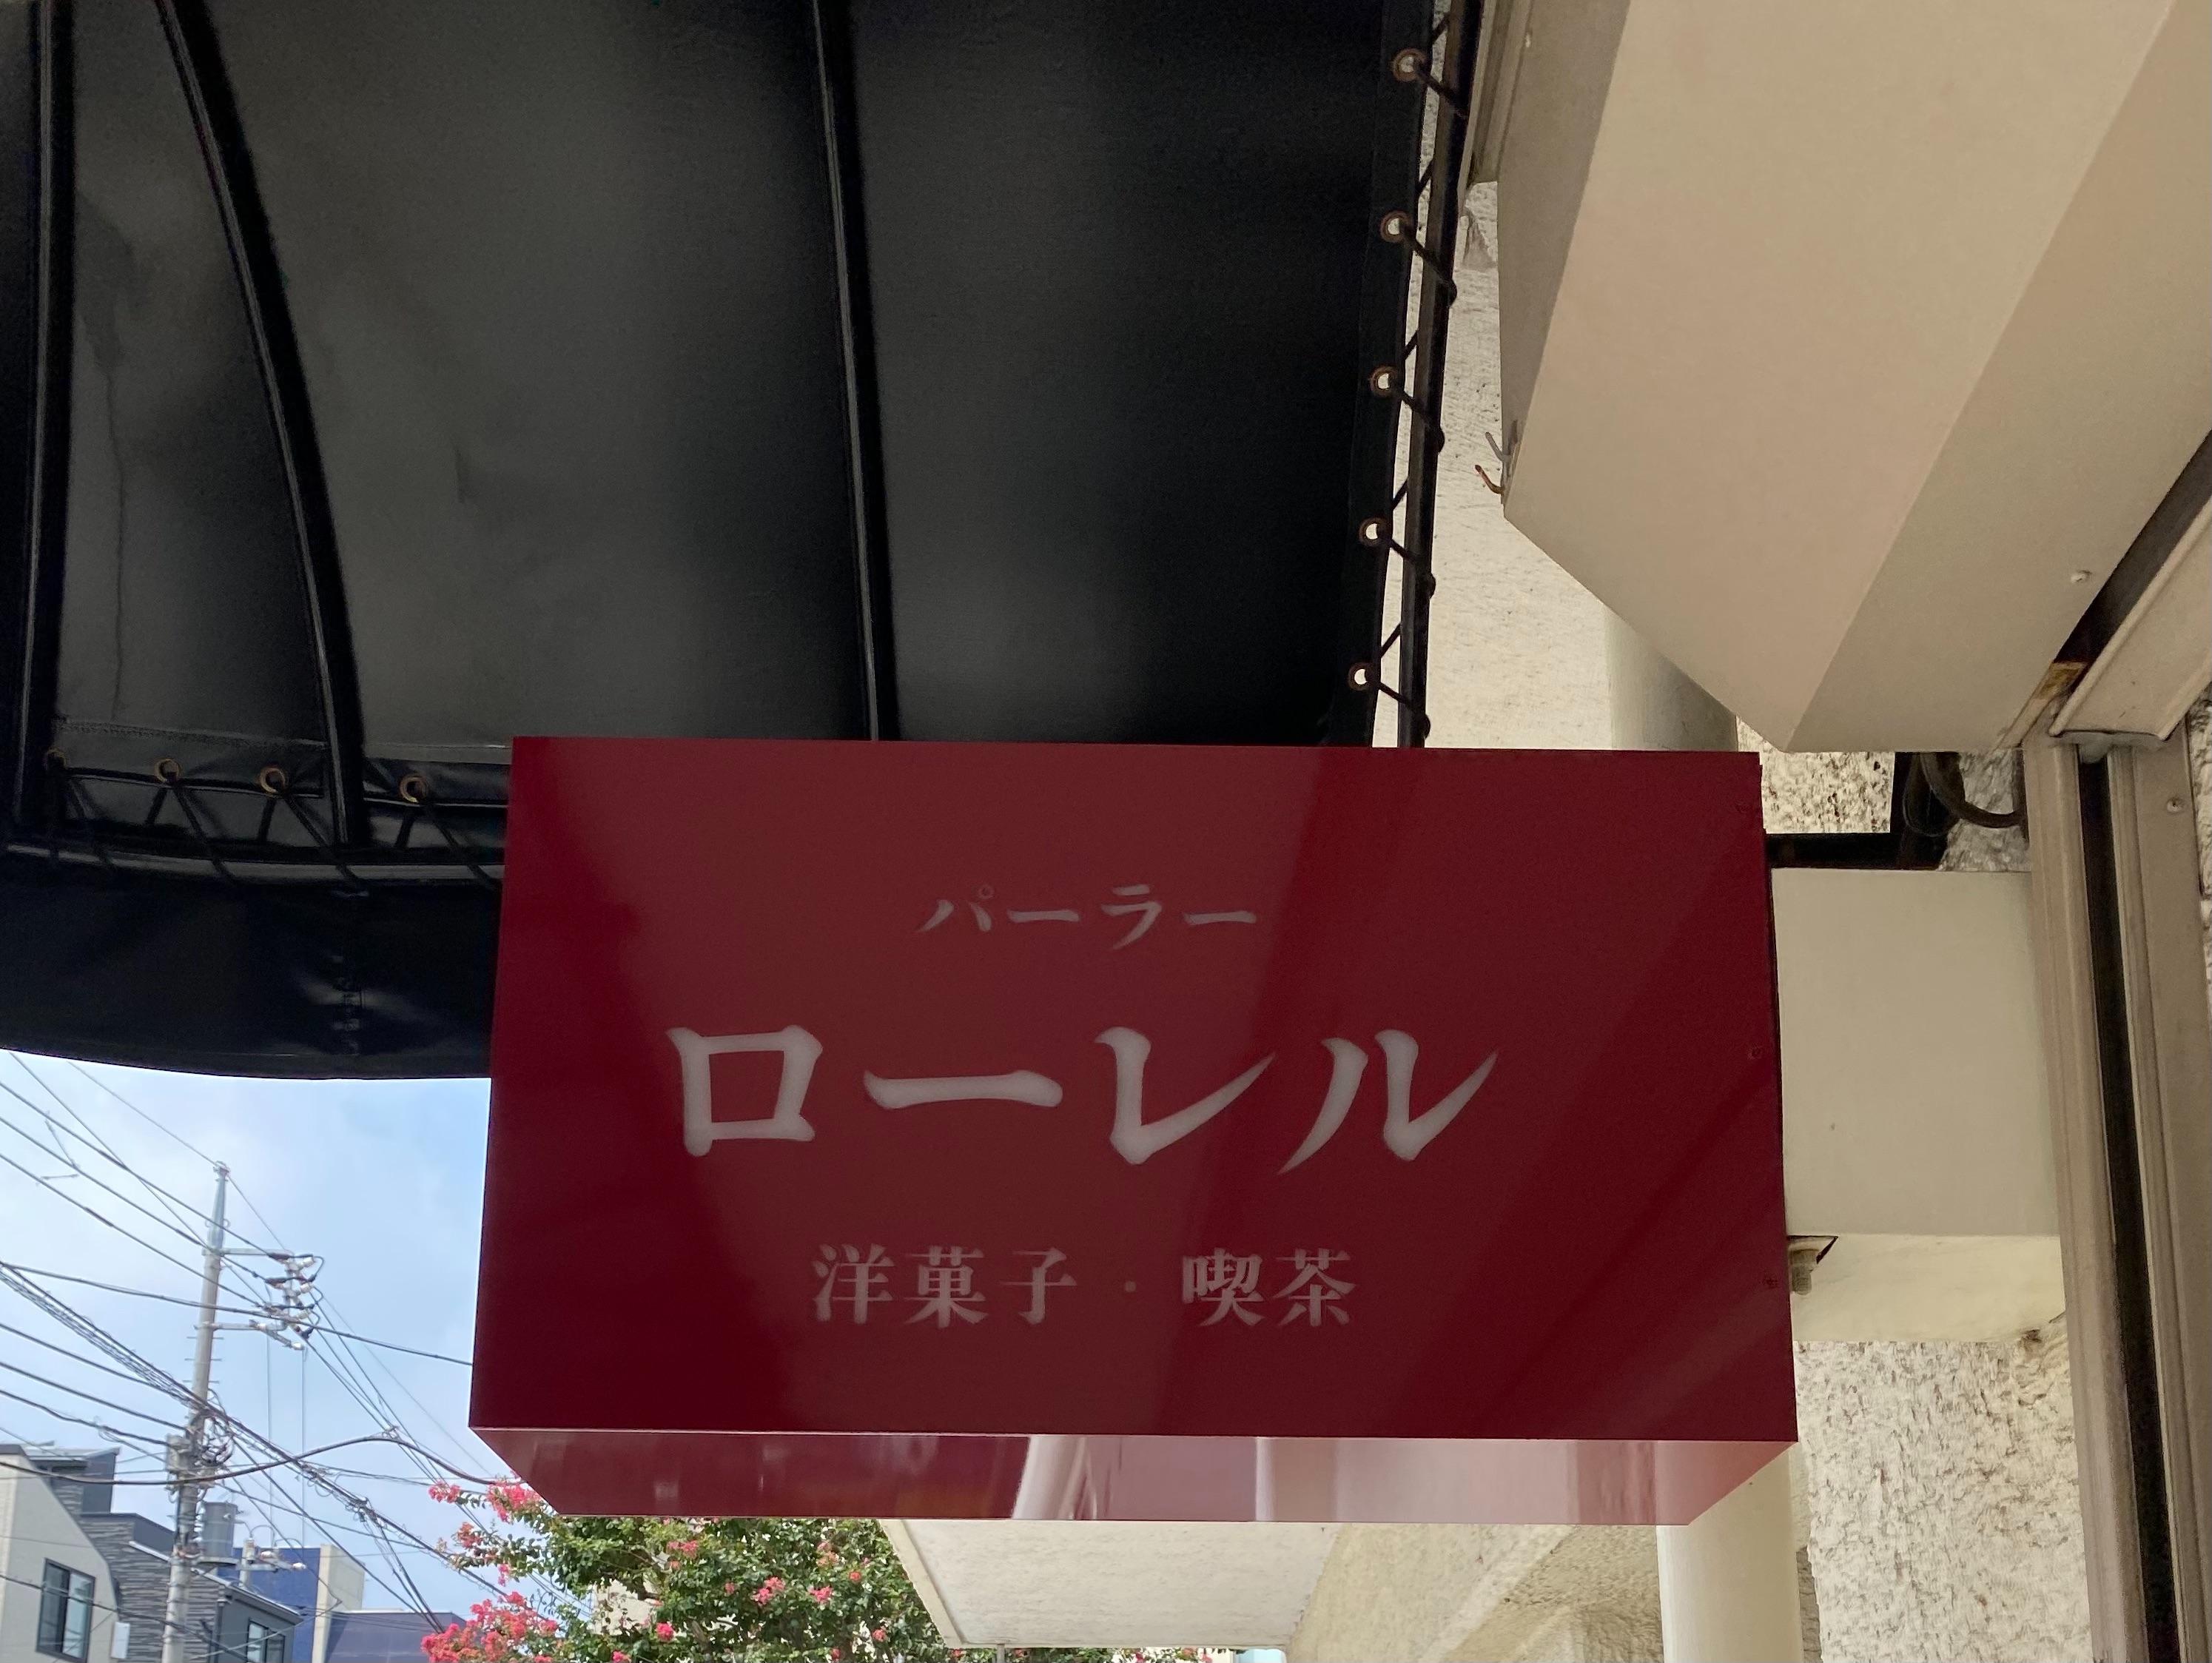 f:id:kurunotekuko:20210828203913j:plain